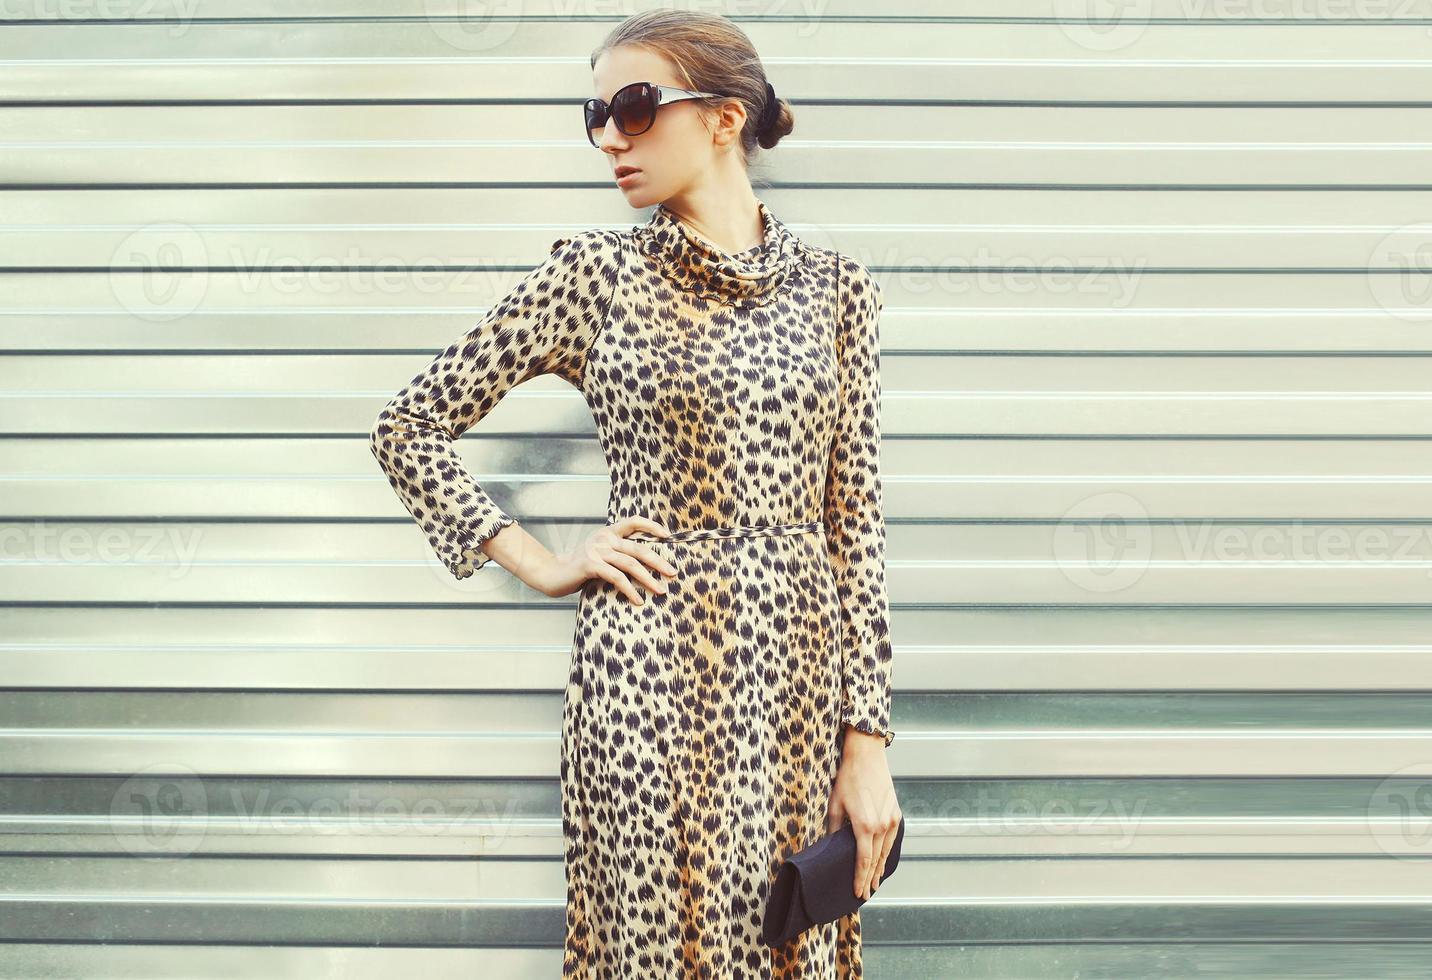 mode mooie vrouw in zonnebril en luipaardjurk met handba foto